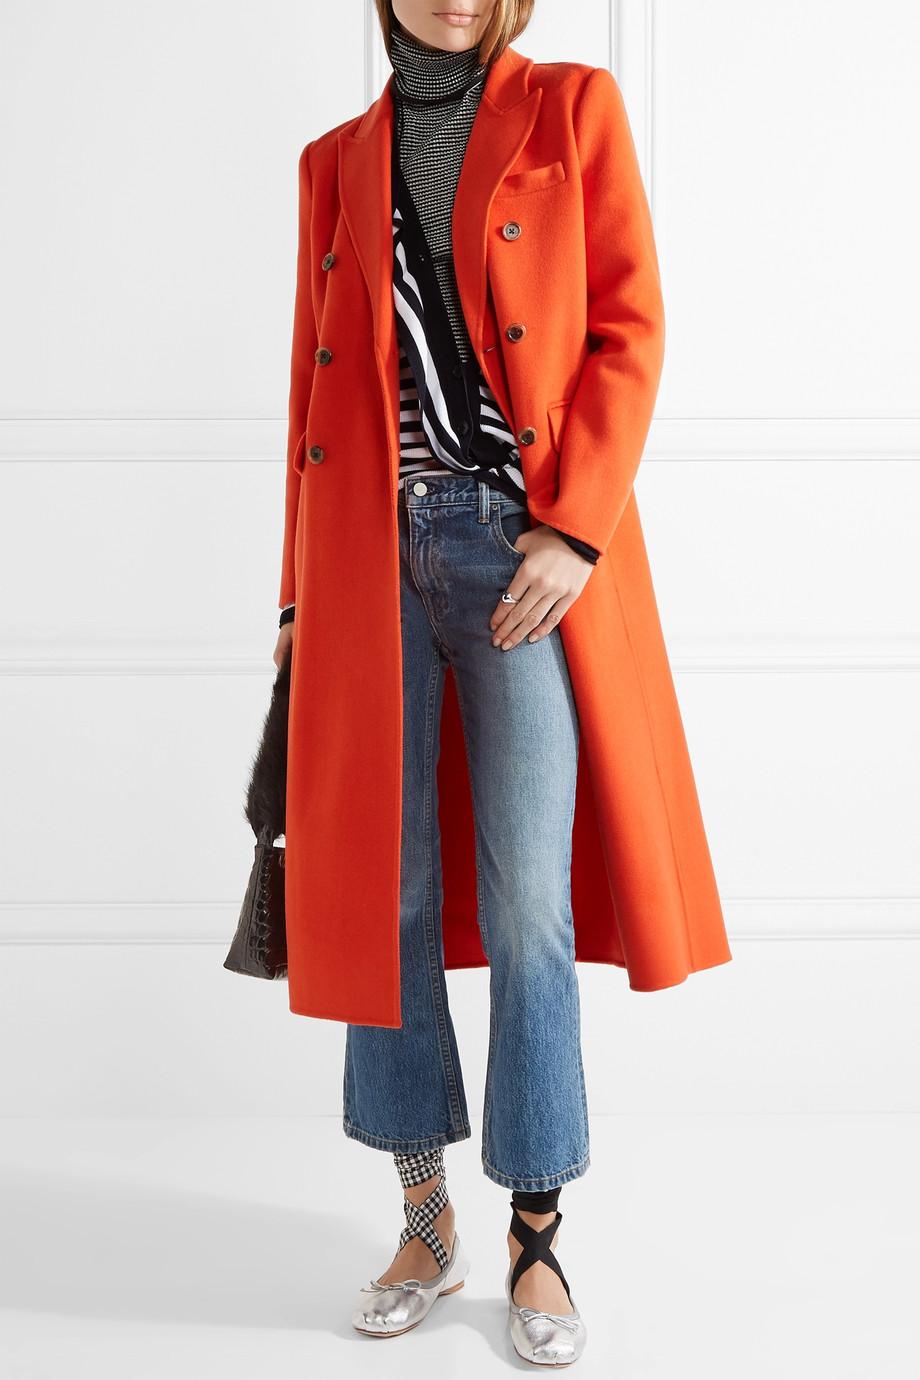 Cappotti per l'inverno, quale modello preferisci?